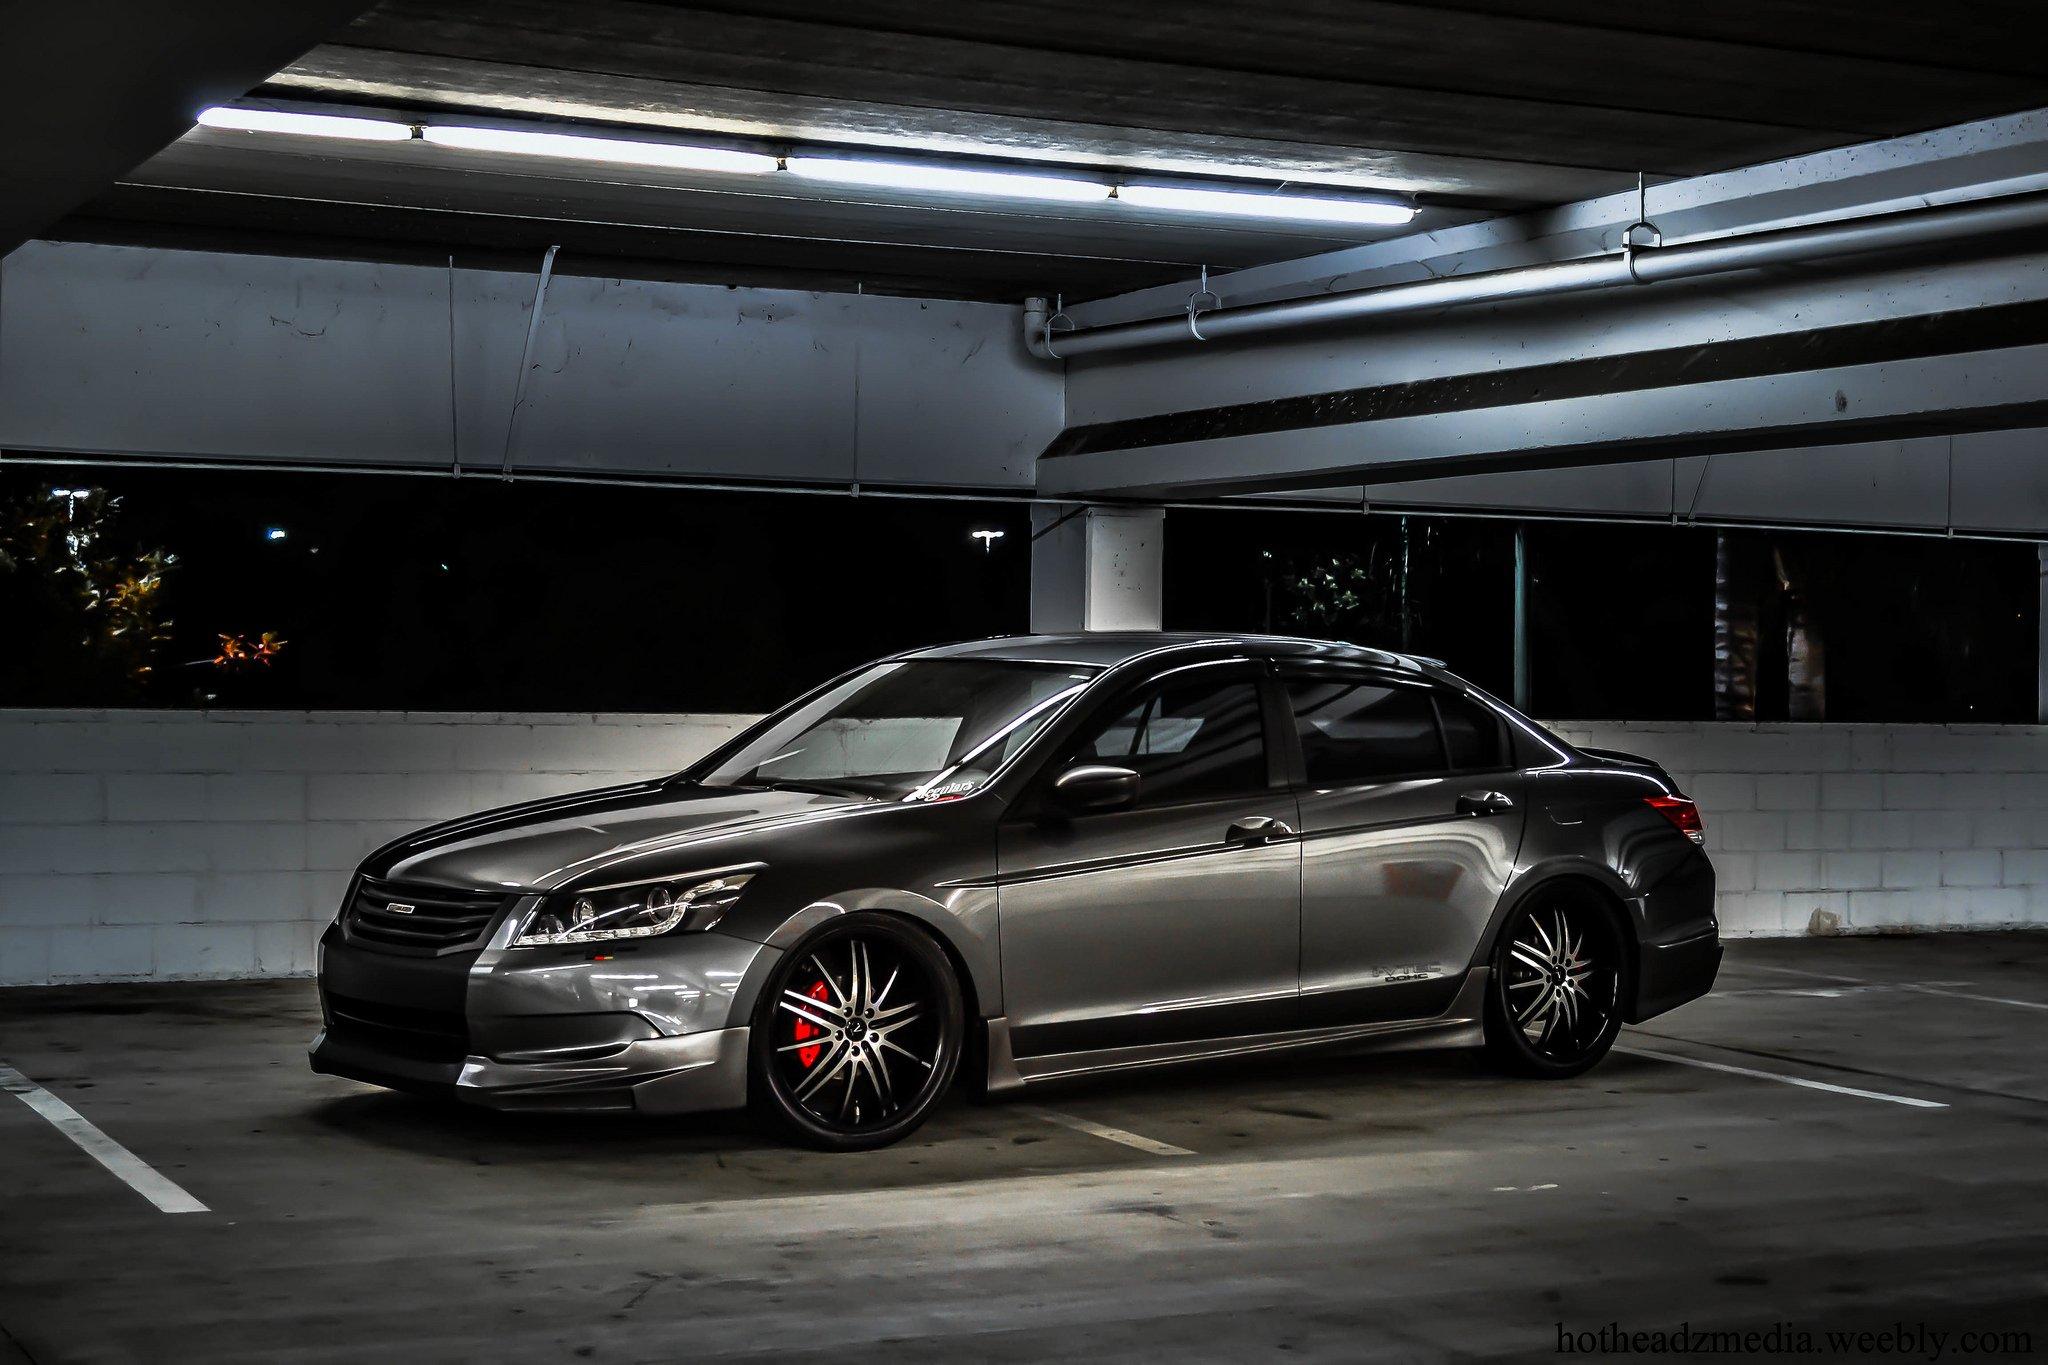 2014 Honda Accord Sedan Rims